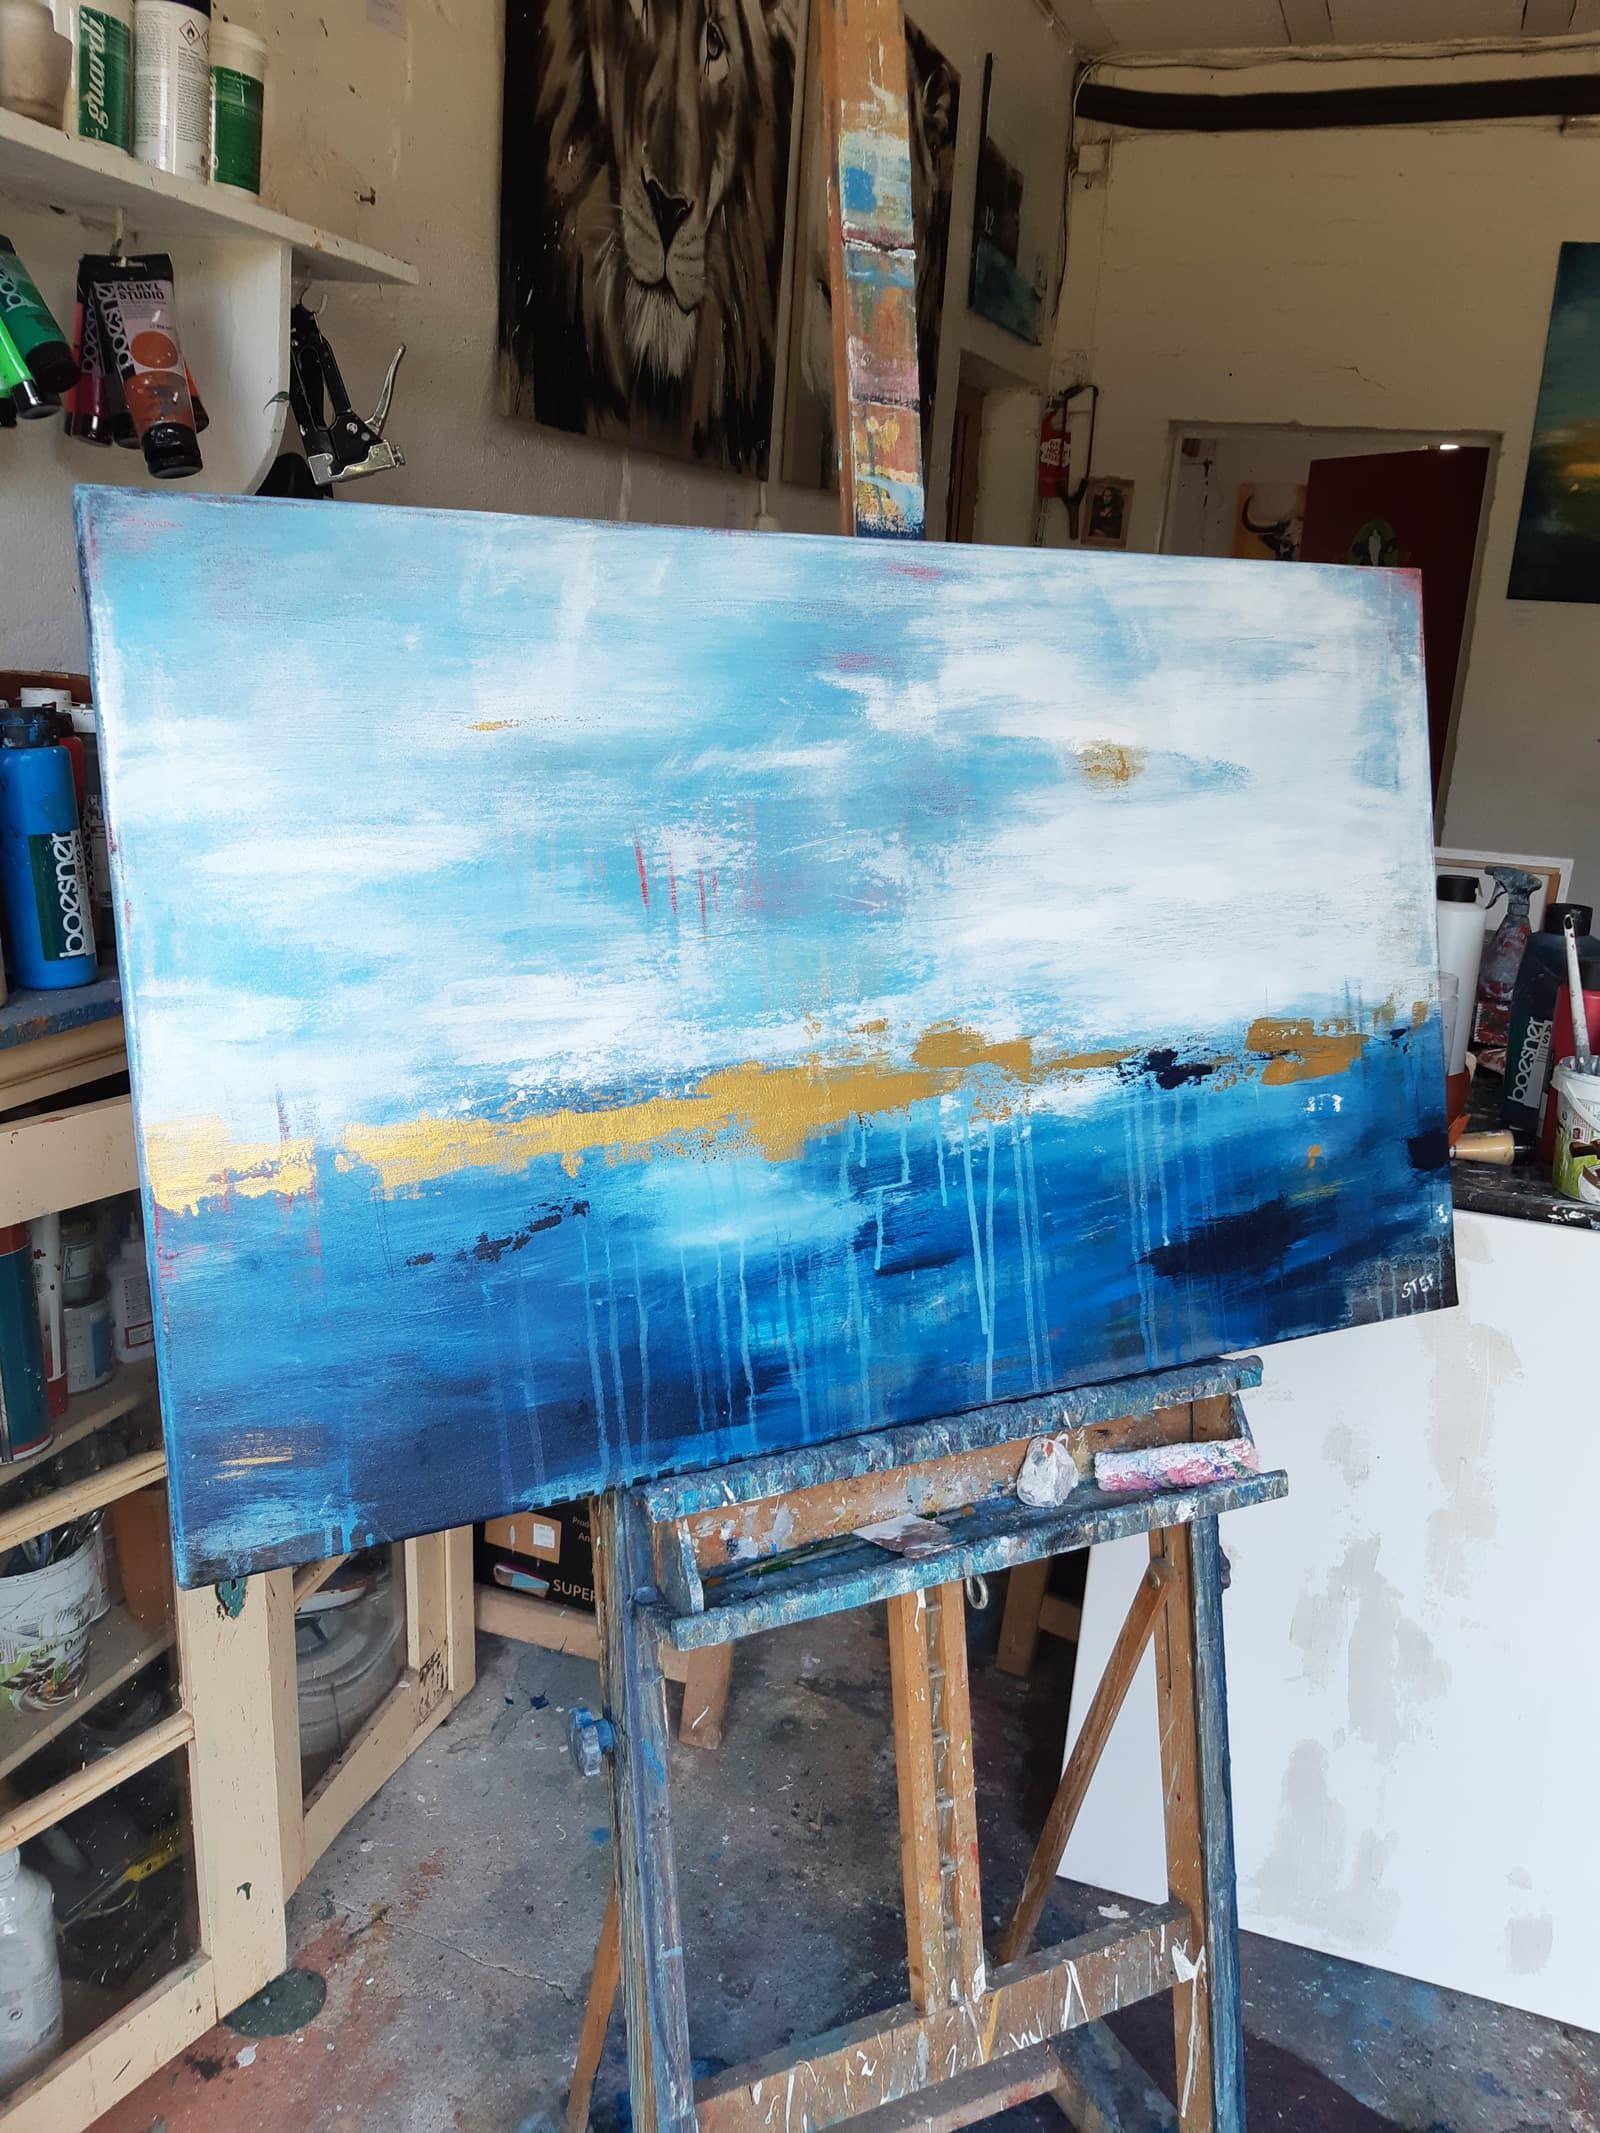 noch ein tag am meer 2 bild abstrakt in blau und gold abstrakte malerei diy blaue bilder acryl malen berühmte